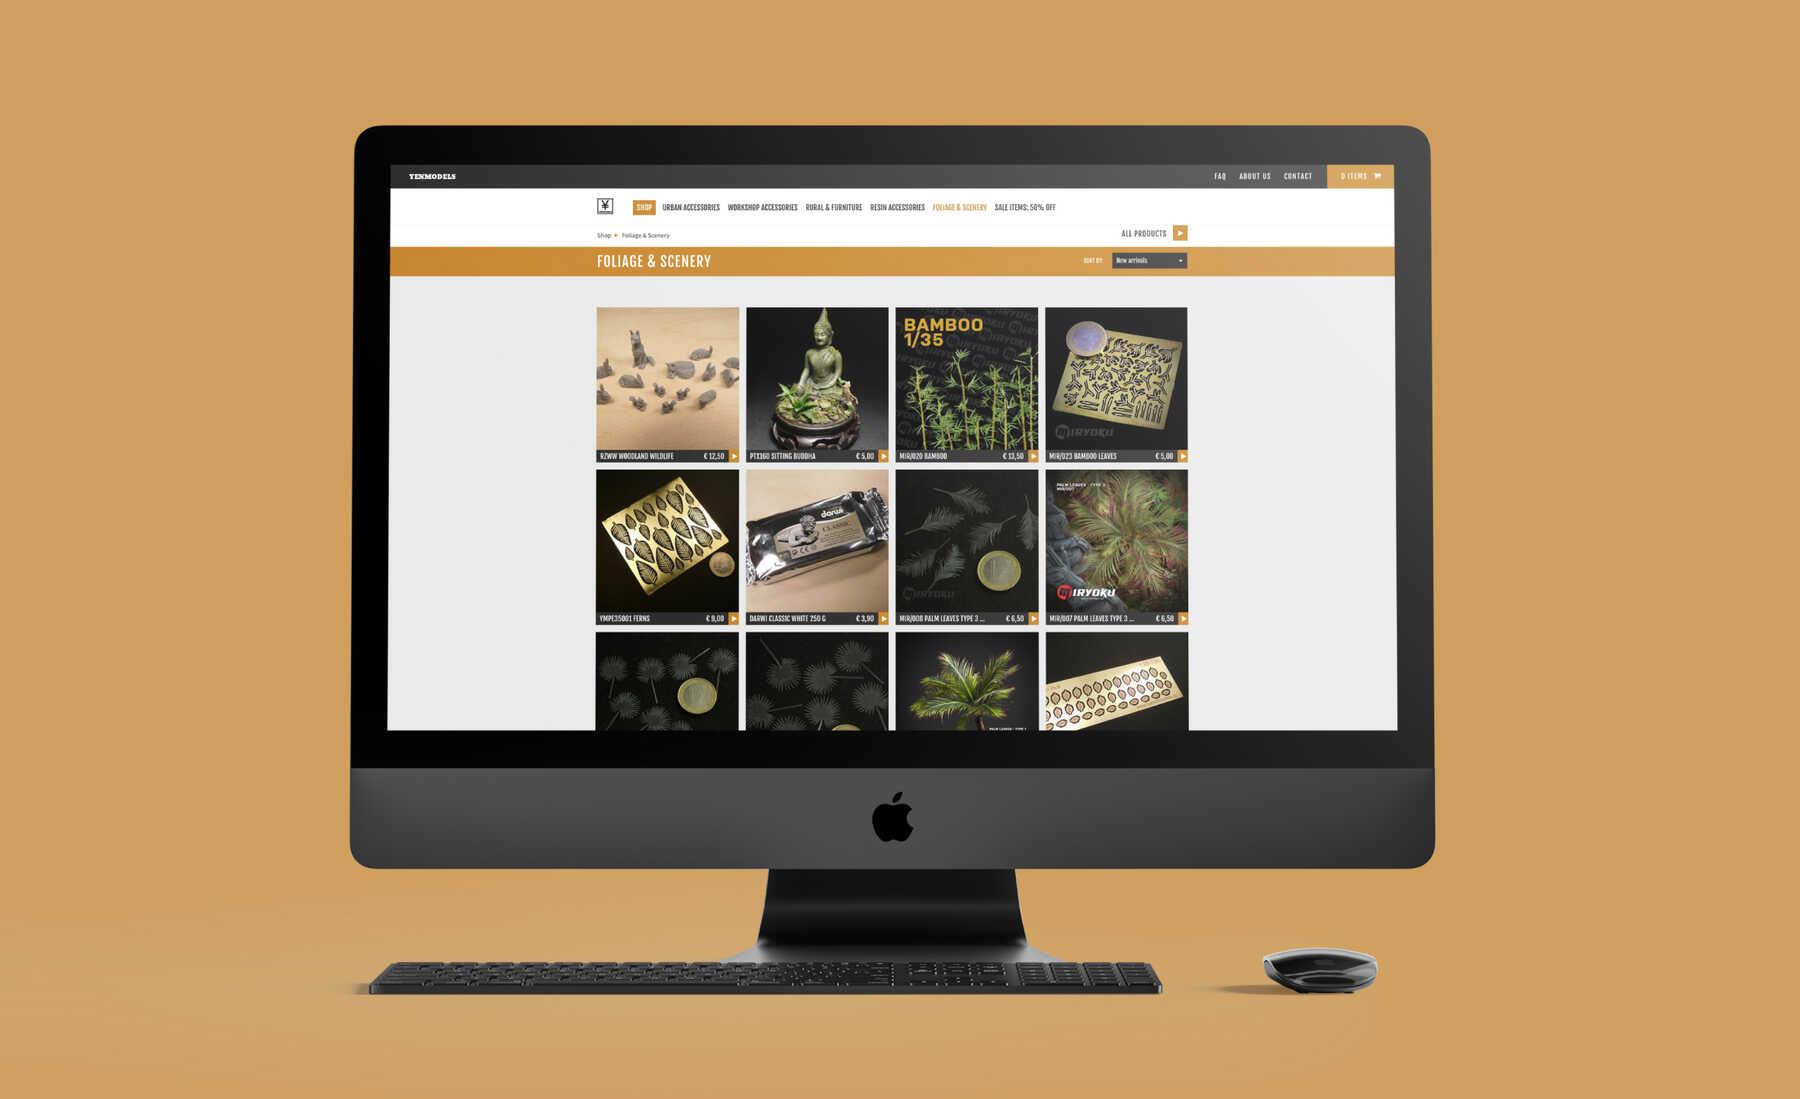 yenmodels webshop